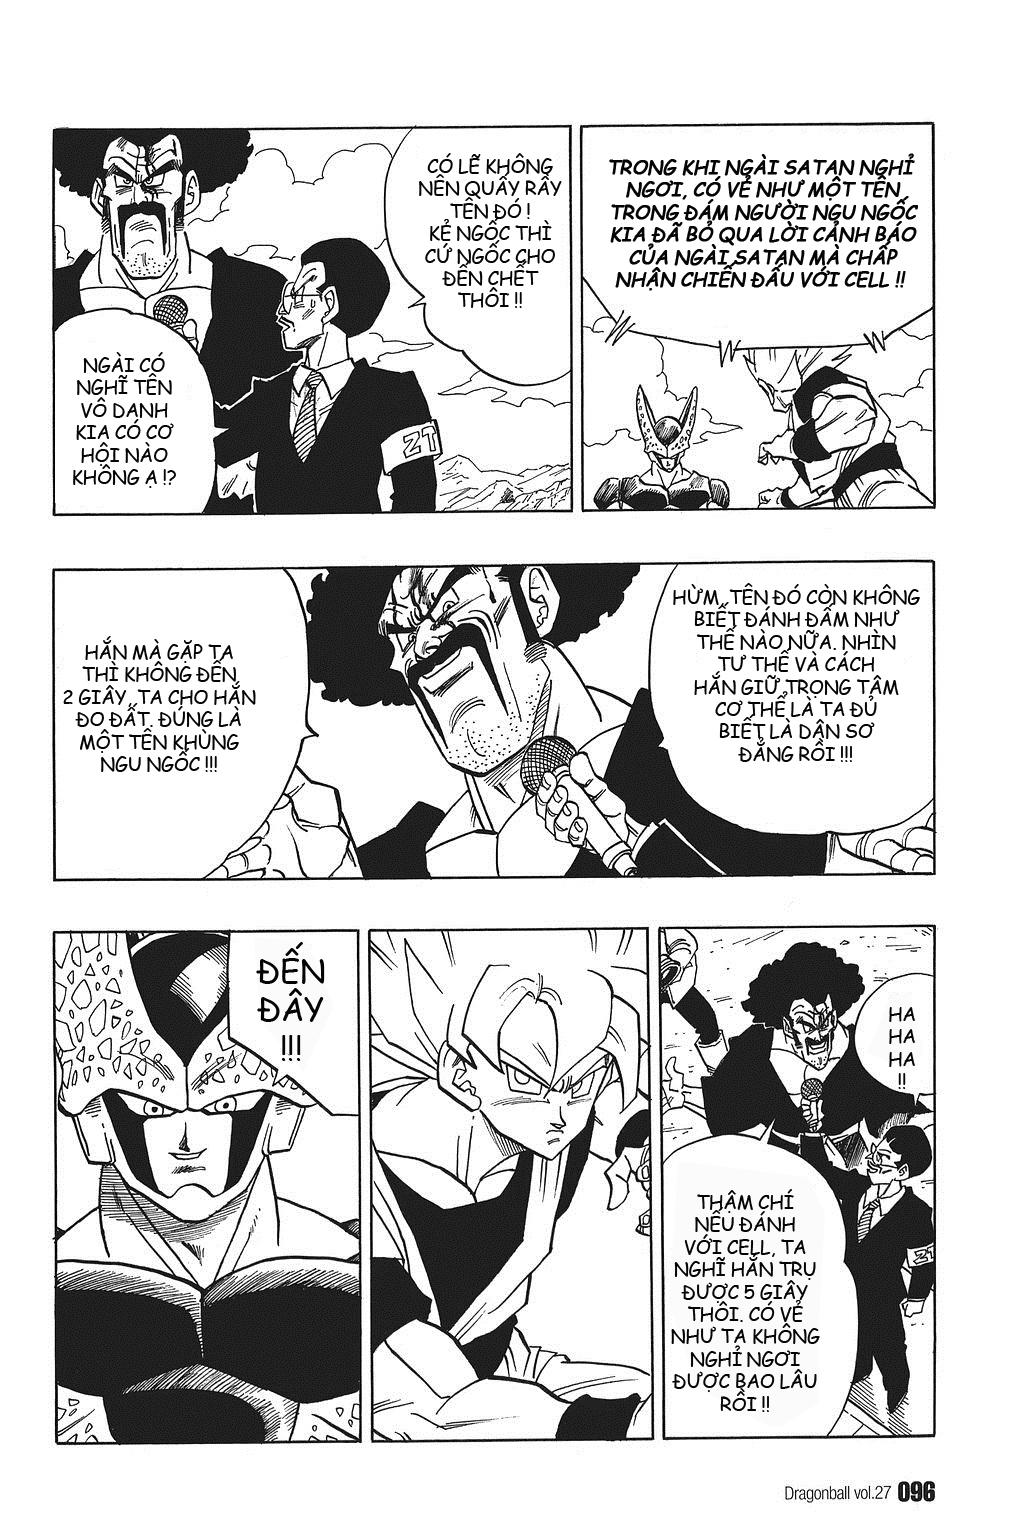 xem truyen moi - Dragon Ball Bản Vip - Bản Đẹp Nguyên Gốc Chap 397